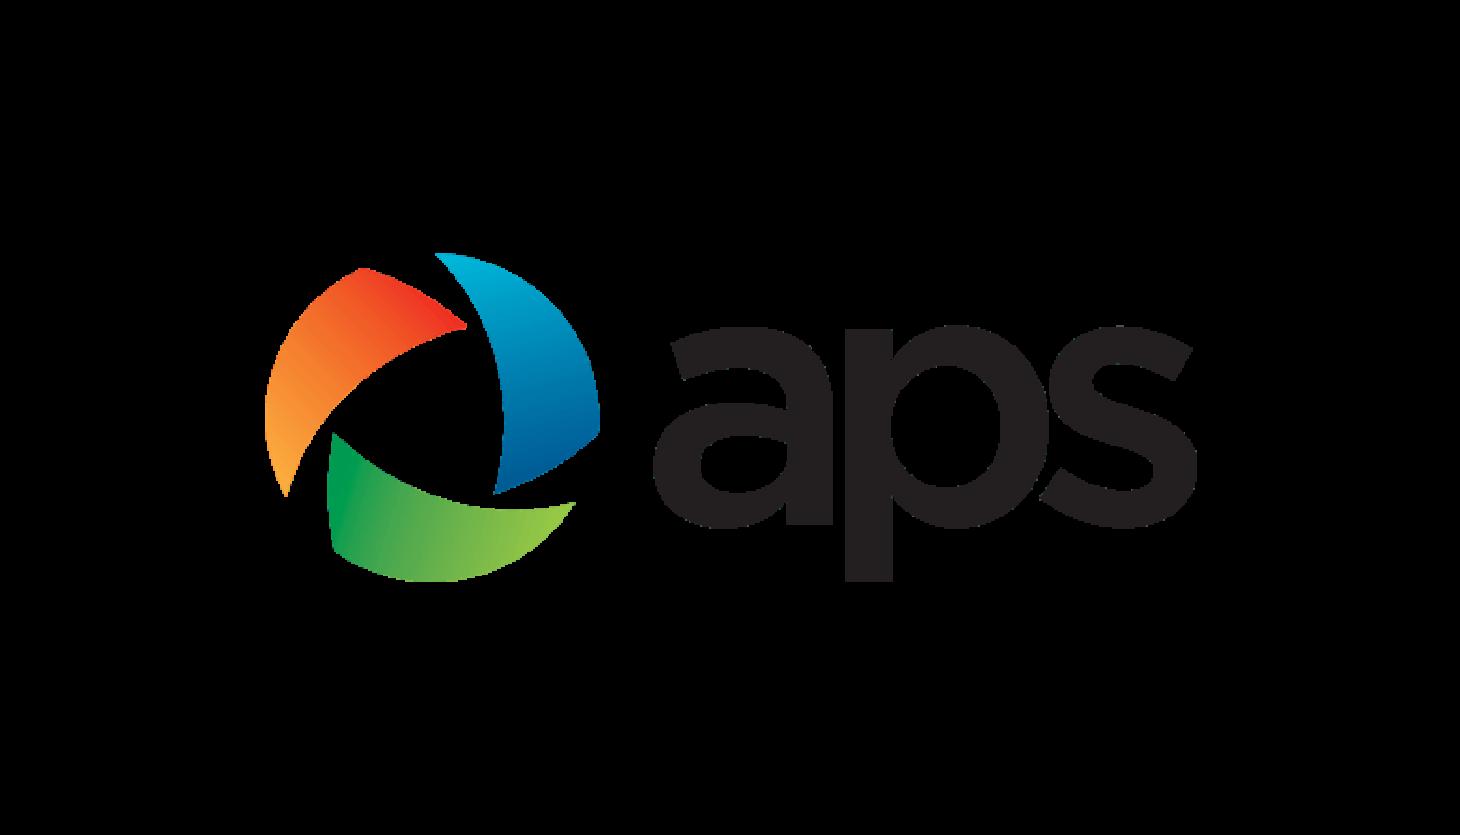 DevonWay-Logos-Scroller-APS